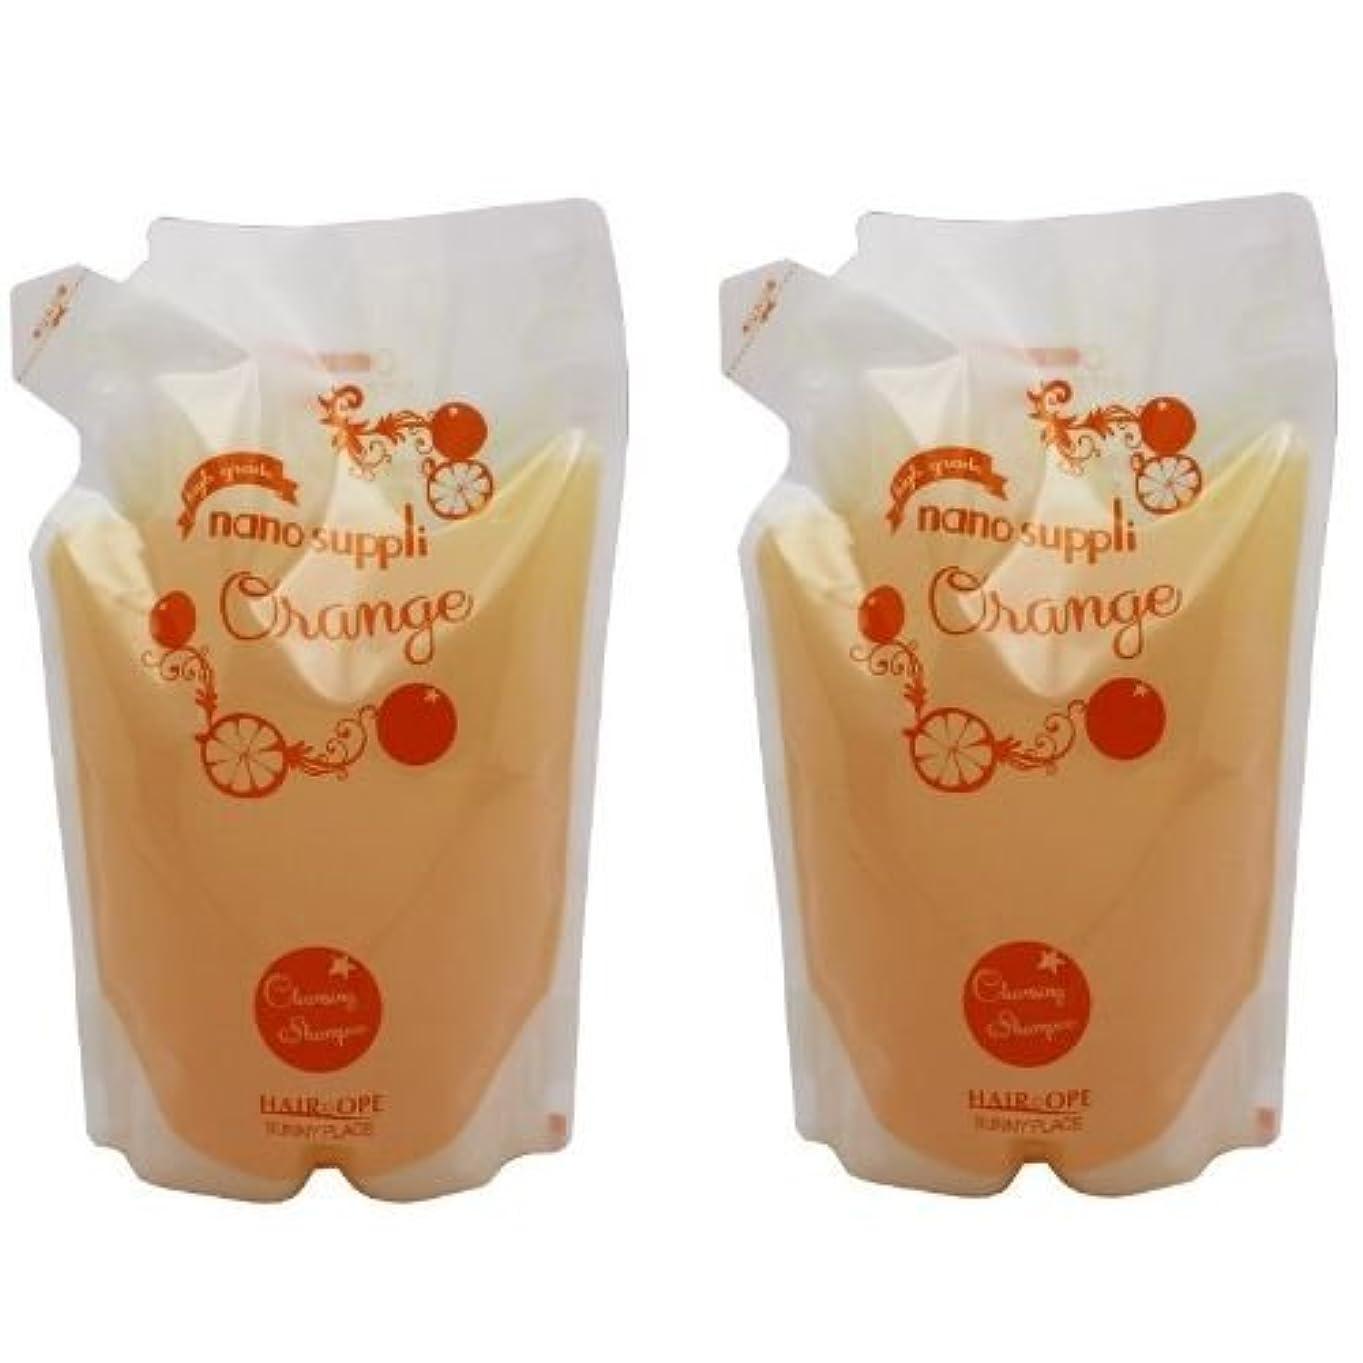 冷淡な優越メッセージ【X2個セット】 サニープレイス ナノサプリ クレンジングシャンプー オレンジ 800ml 詰替え用